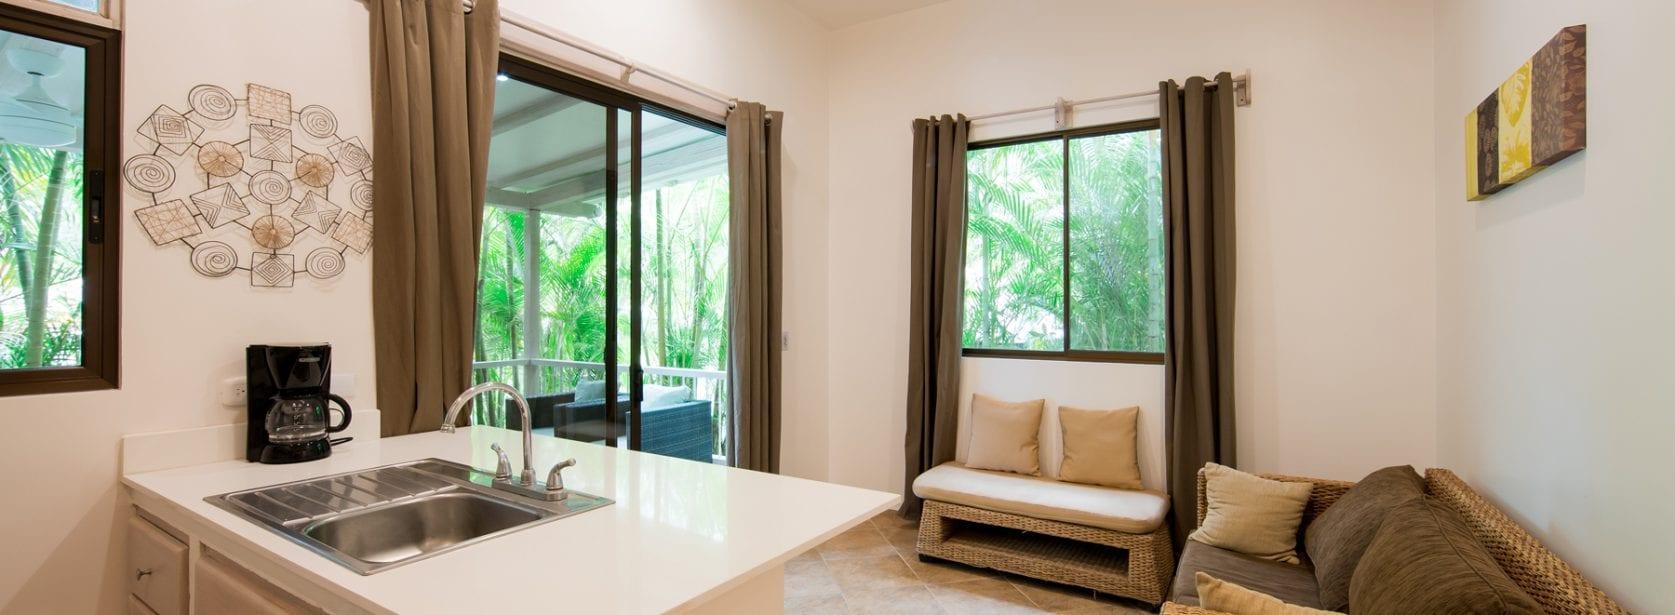 Bodhi_Casitas_lounge